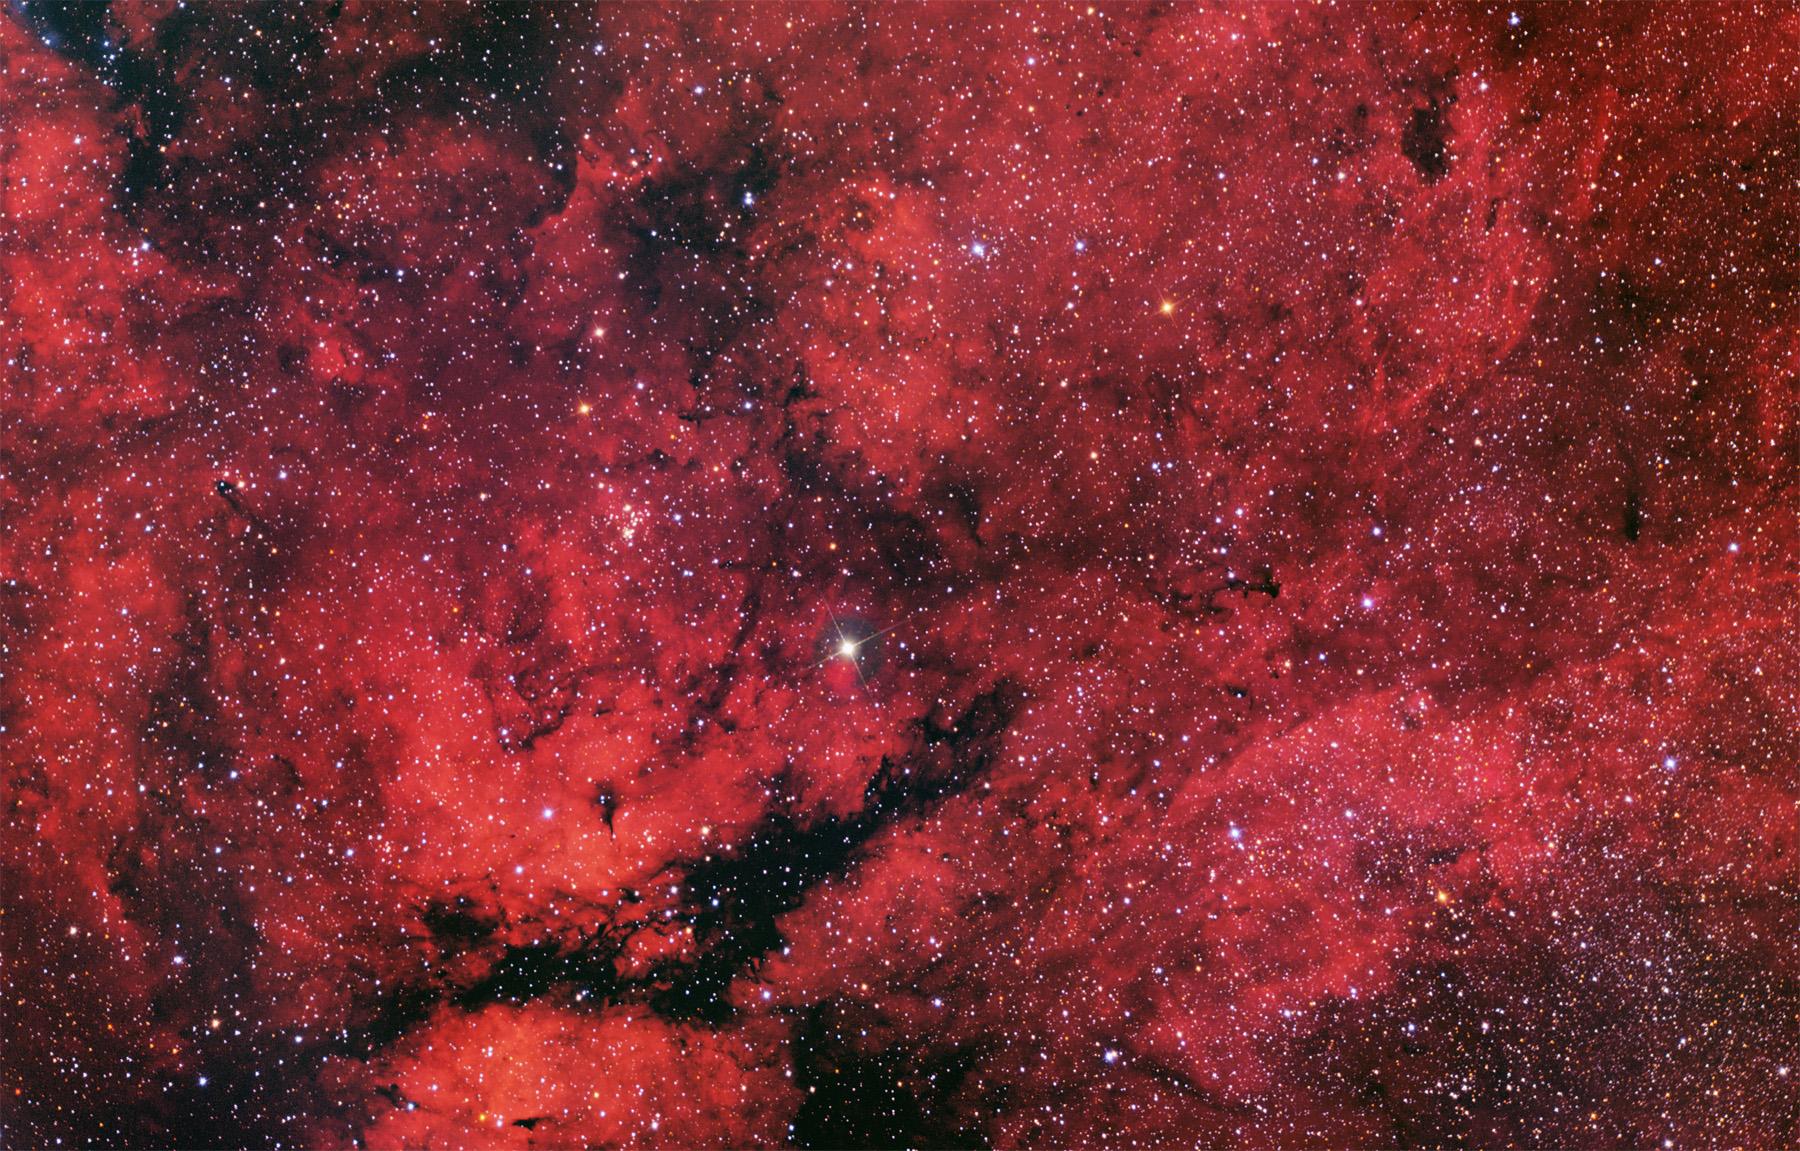 Gamma Cyg Nebula